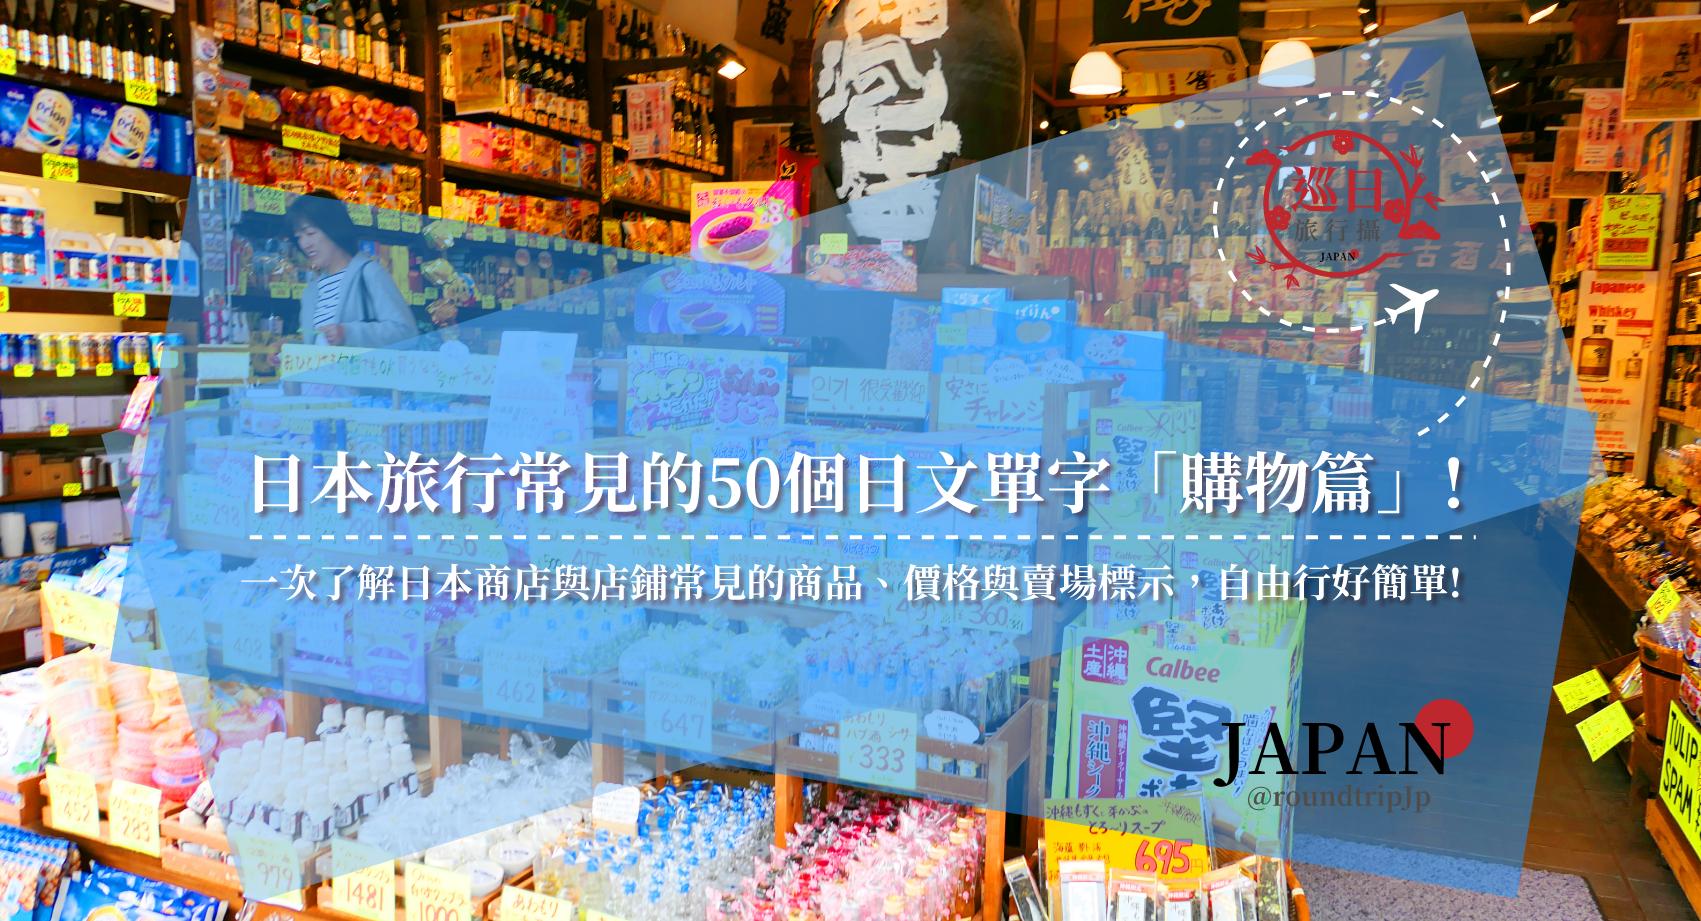 日本旅行常見的50個日文單字「購物篇」!一次了解日本商店與店鋪常見的商品、價格與賣場標示,自由行好簡單! | 日本購物單字 | 巡日旅行攝 | RoundtripJp